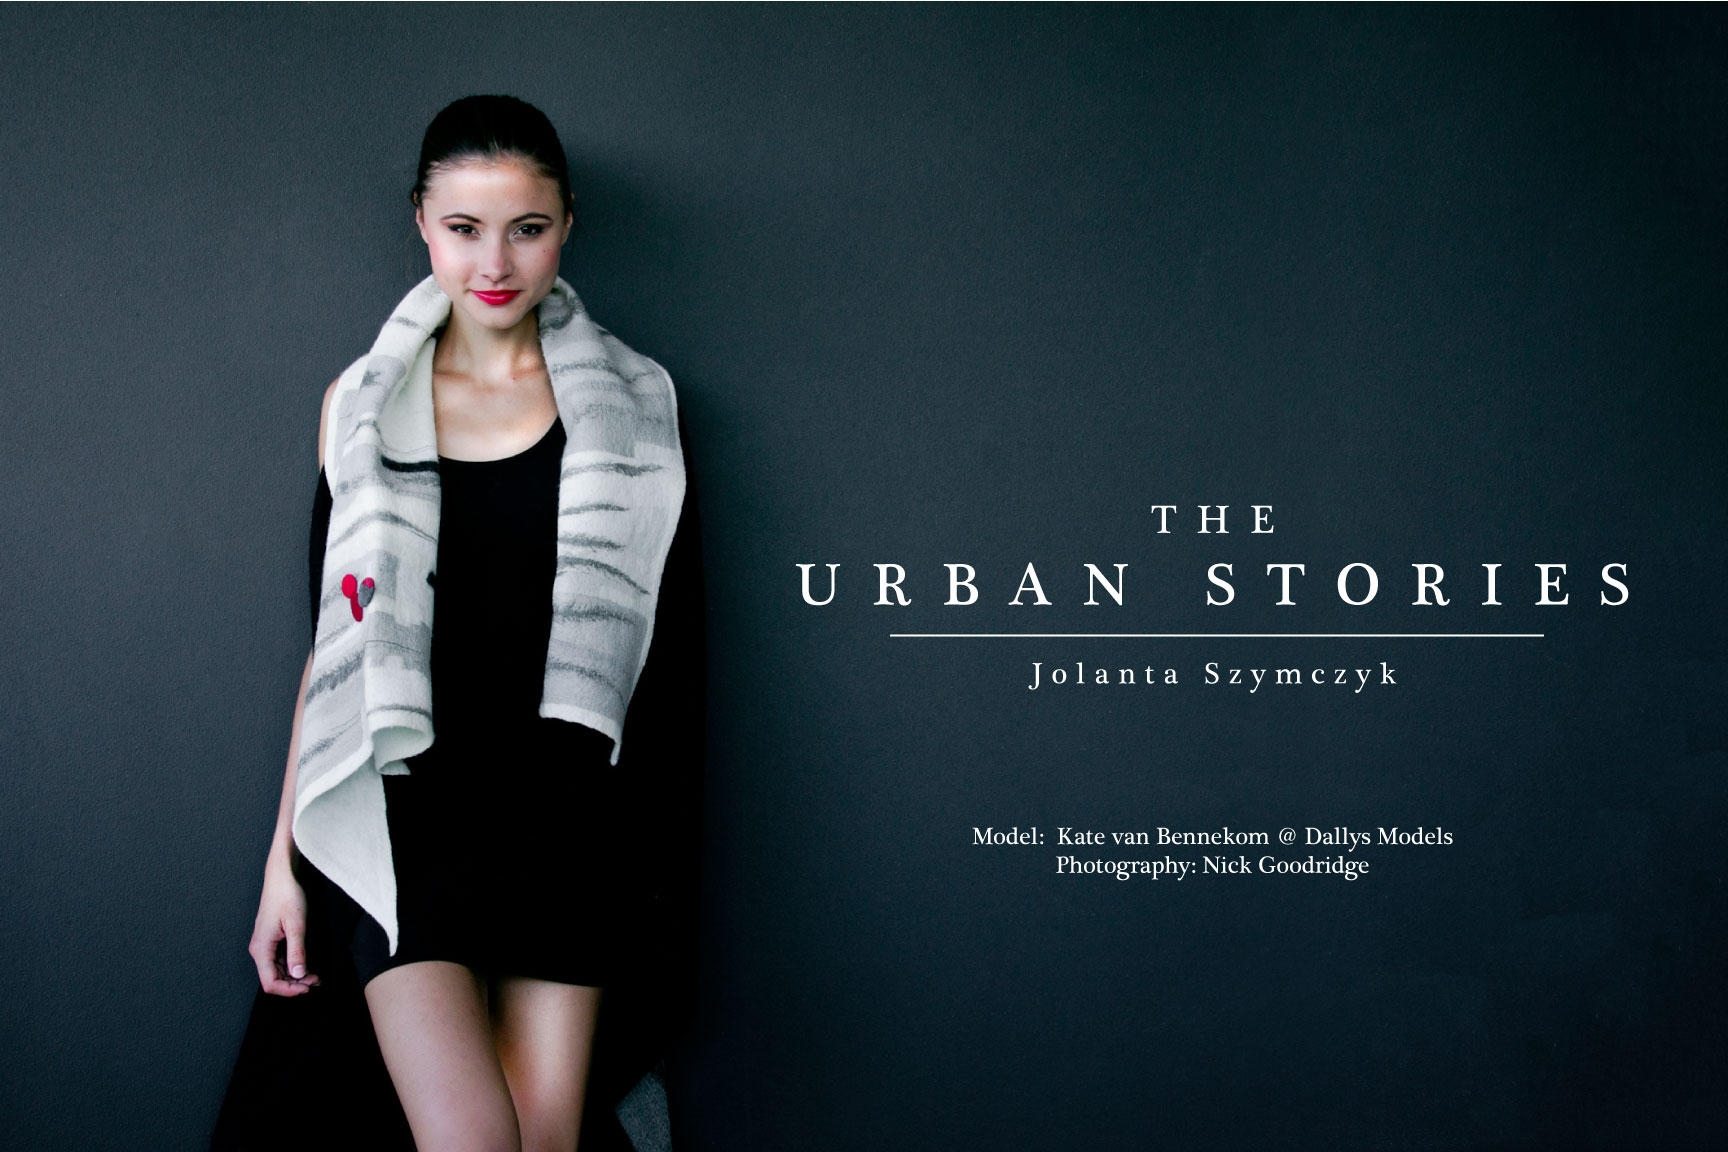 Urban Stories Wearable Art by Jolanta Szymczyk